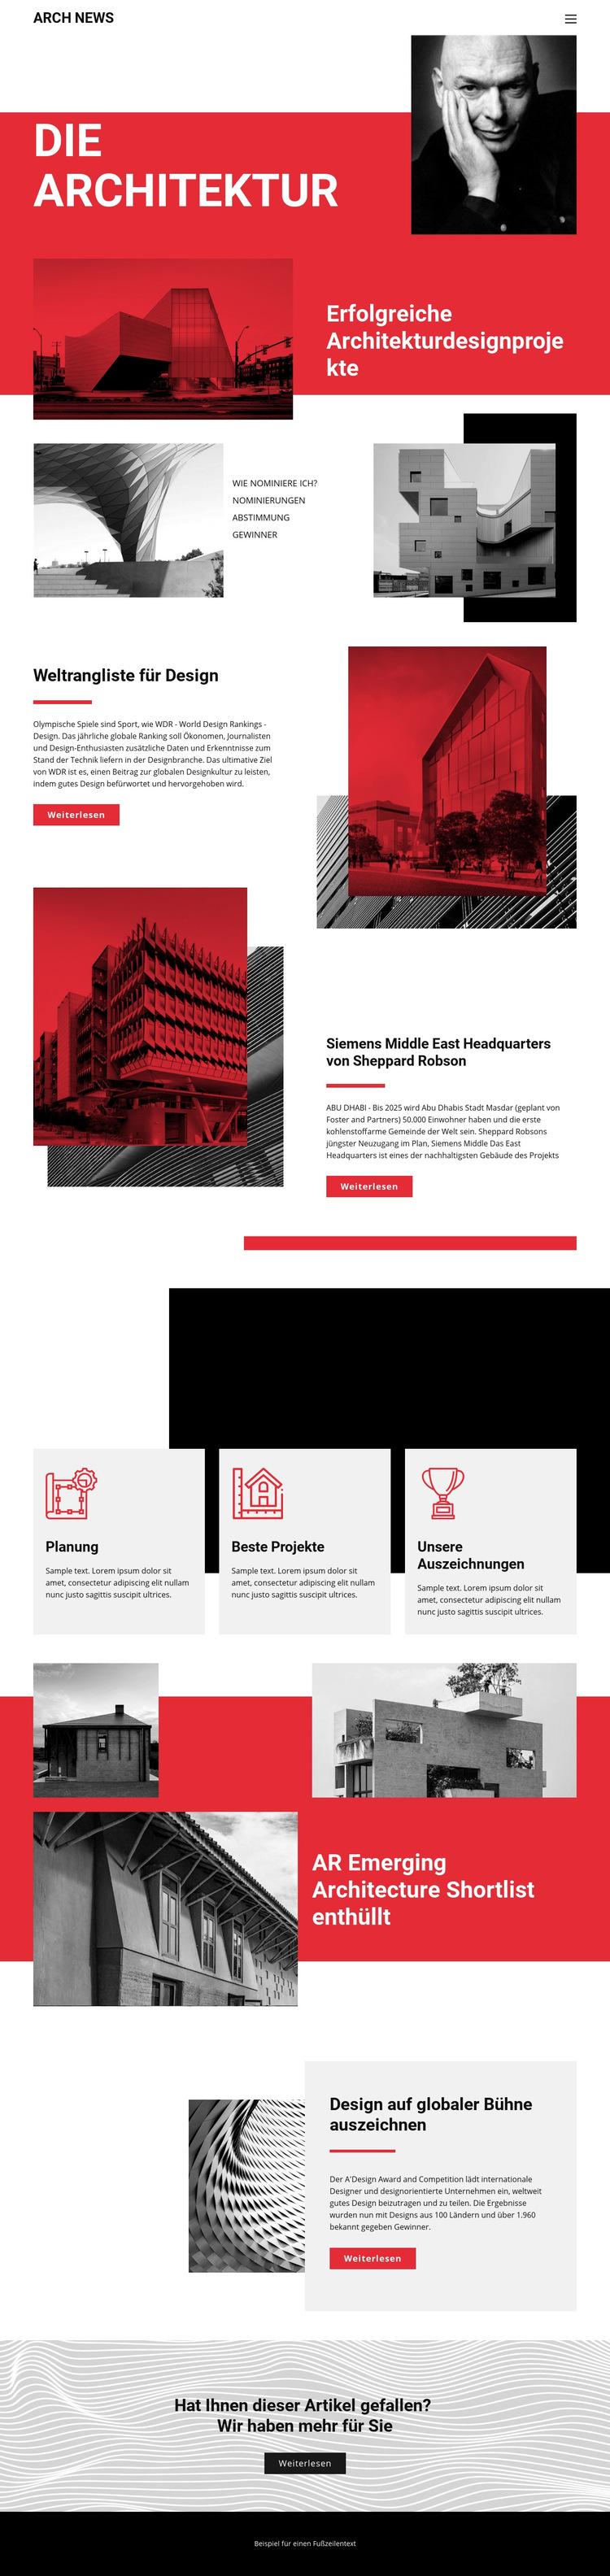 Design in der Architektur Website-Vorlage